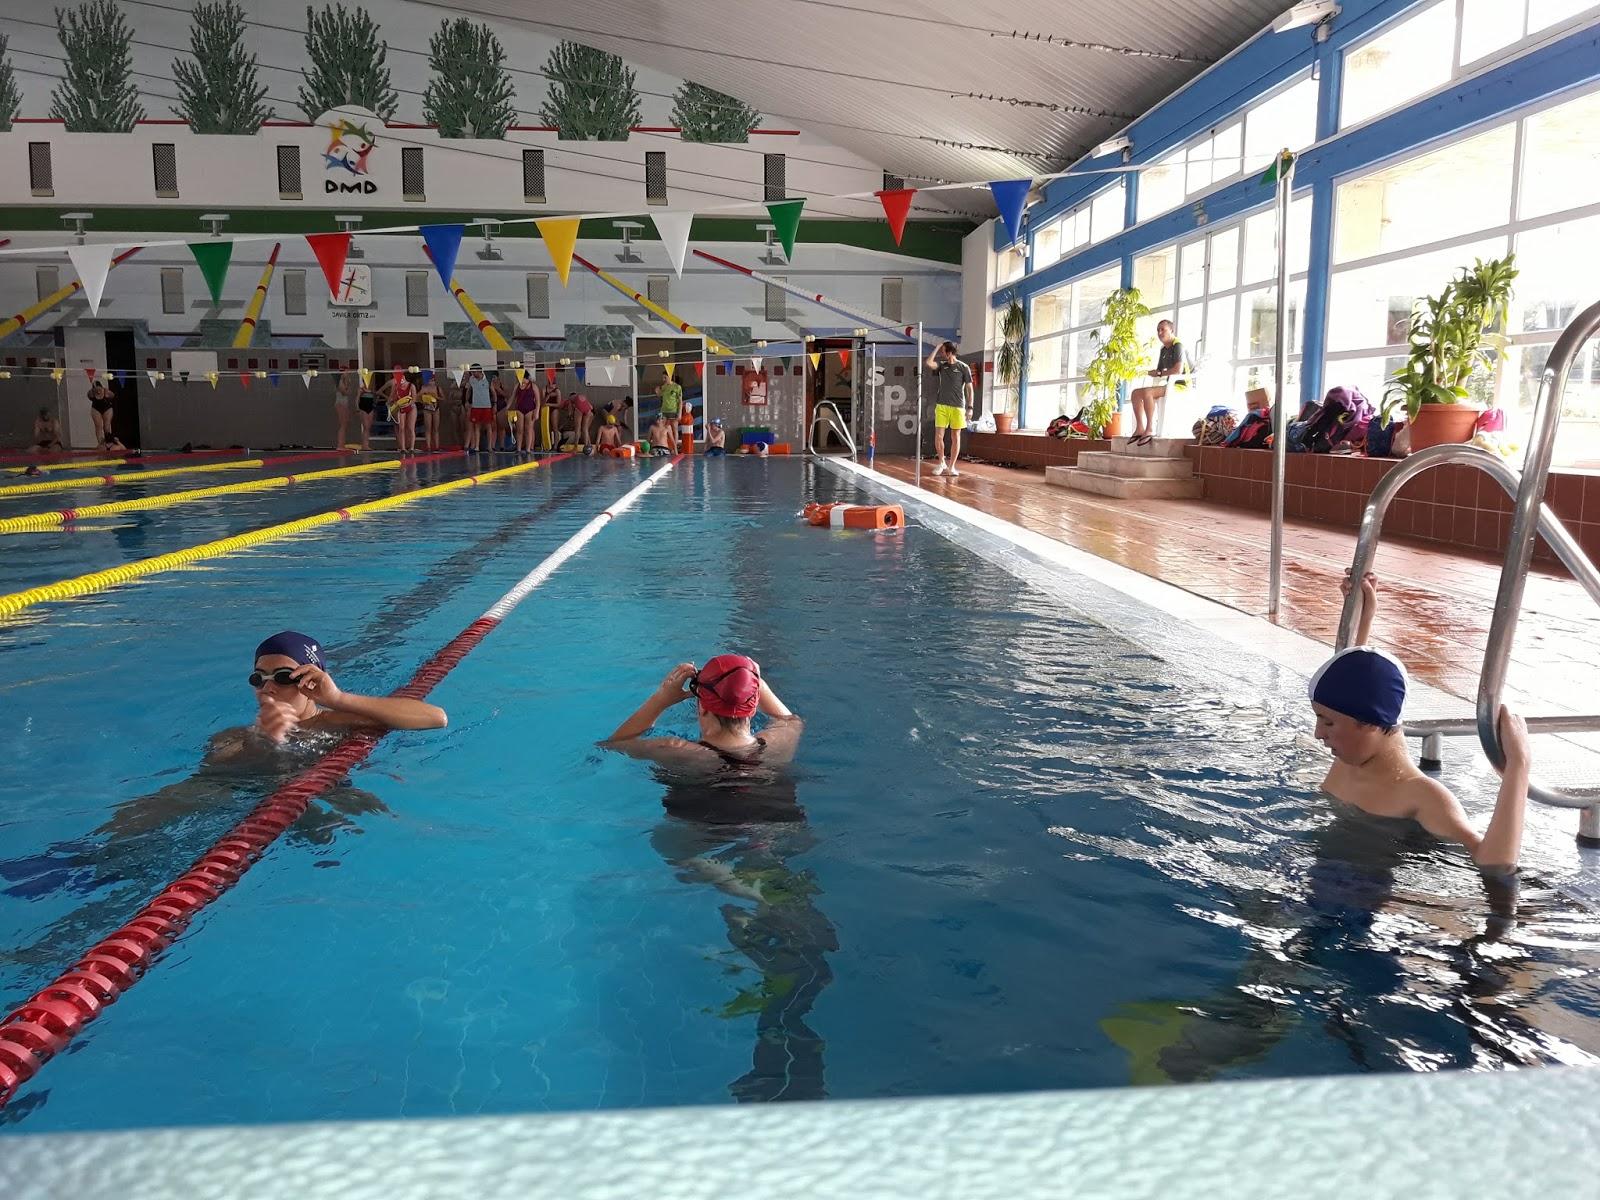 Educaci n f sica salvamento y socorrismo en la piscina de for Piscina don benito